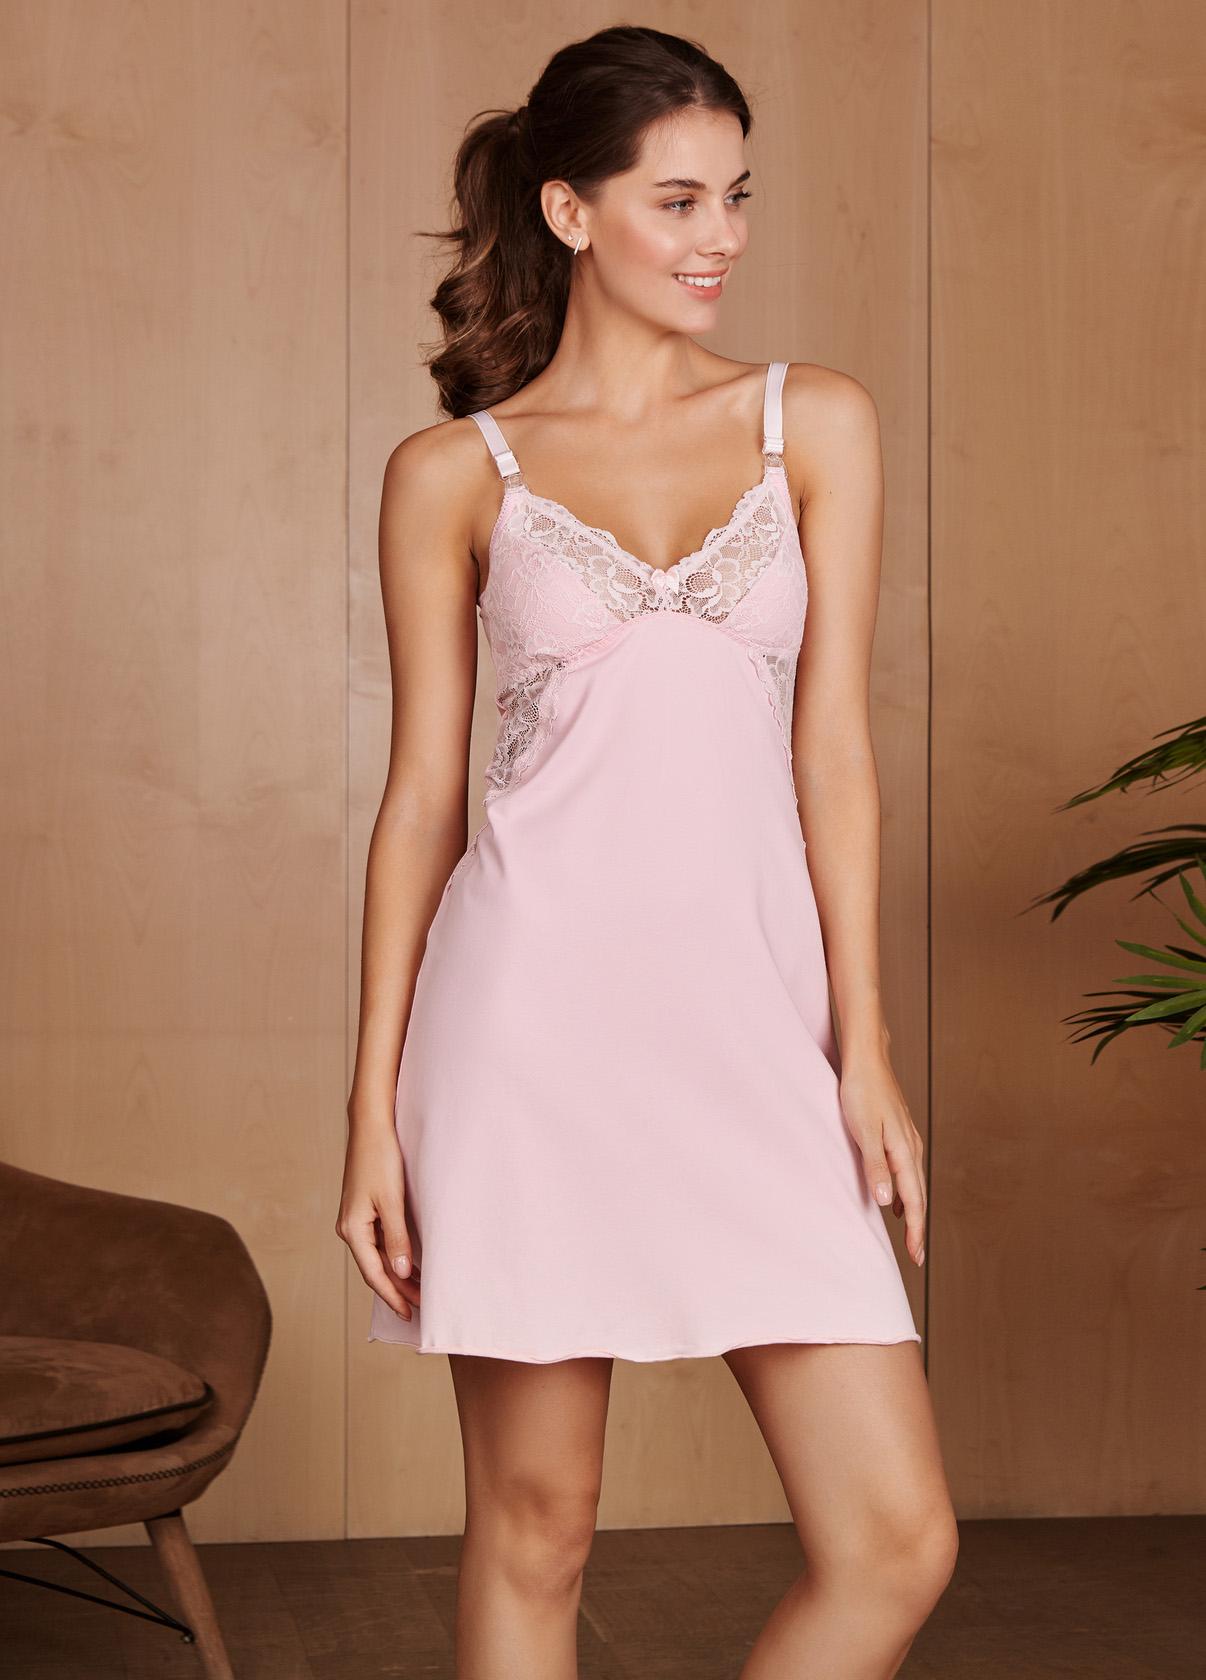 e4df9b50b368fa2 Ночная сорочка Izabel для беременных и кормящих; цвет: розовая 4438. 0.  1000.00 ₽. Купить. В закладки